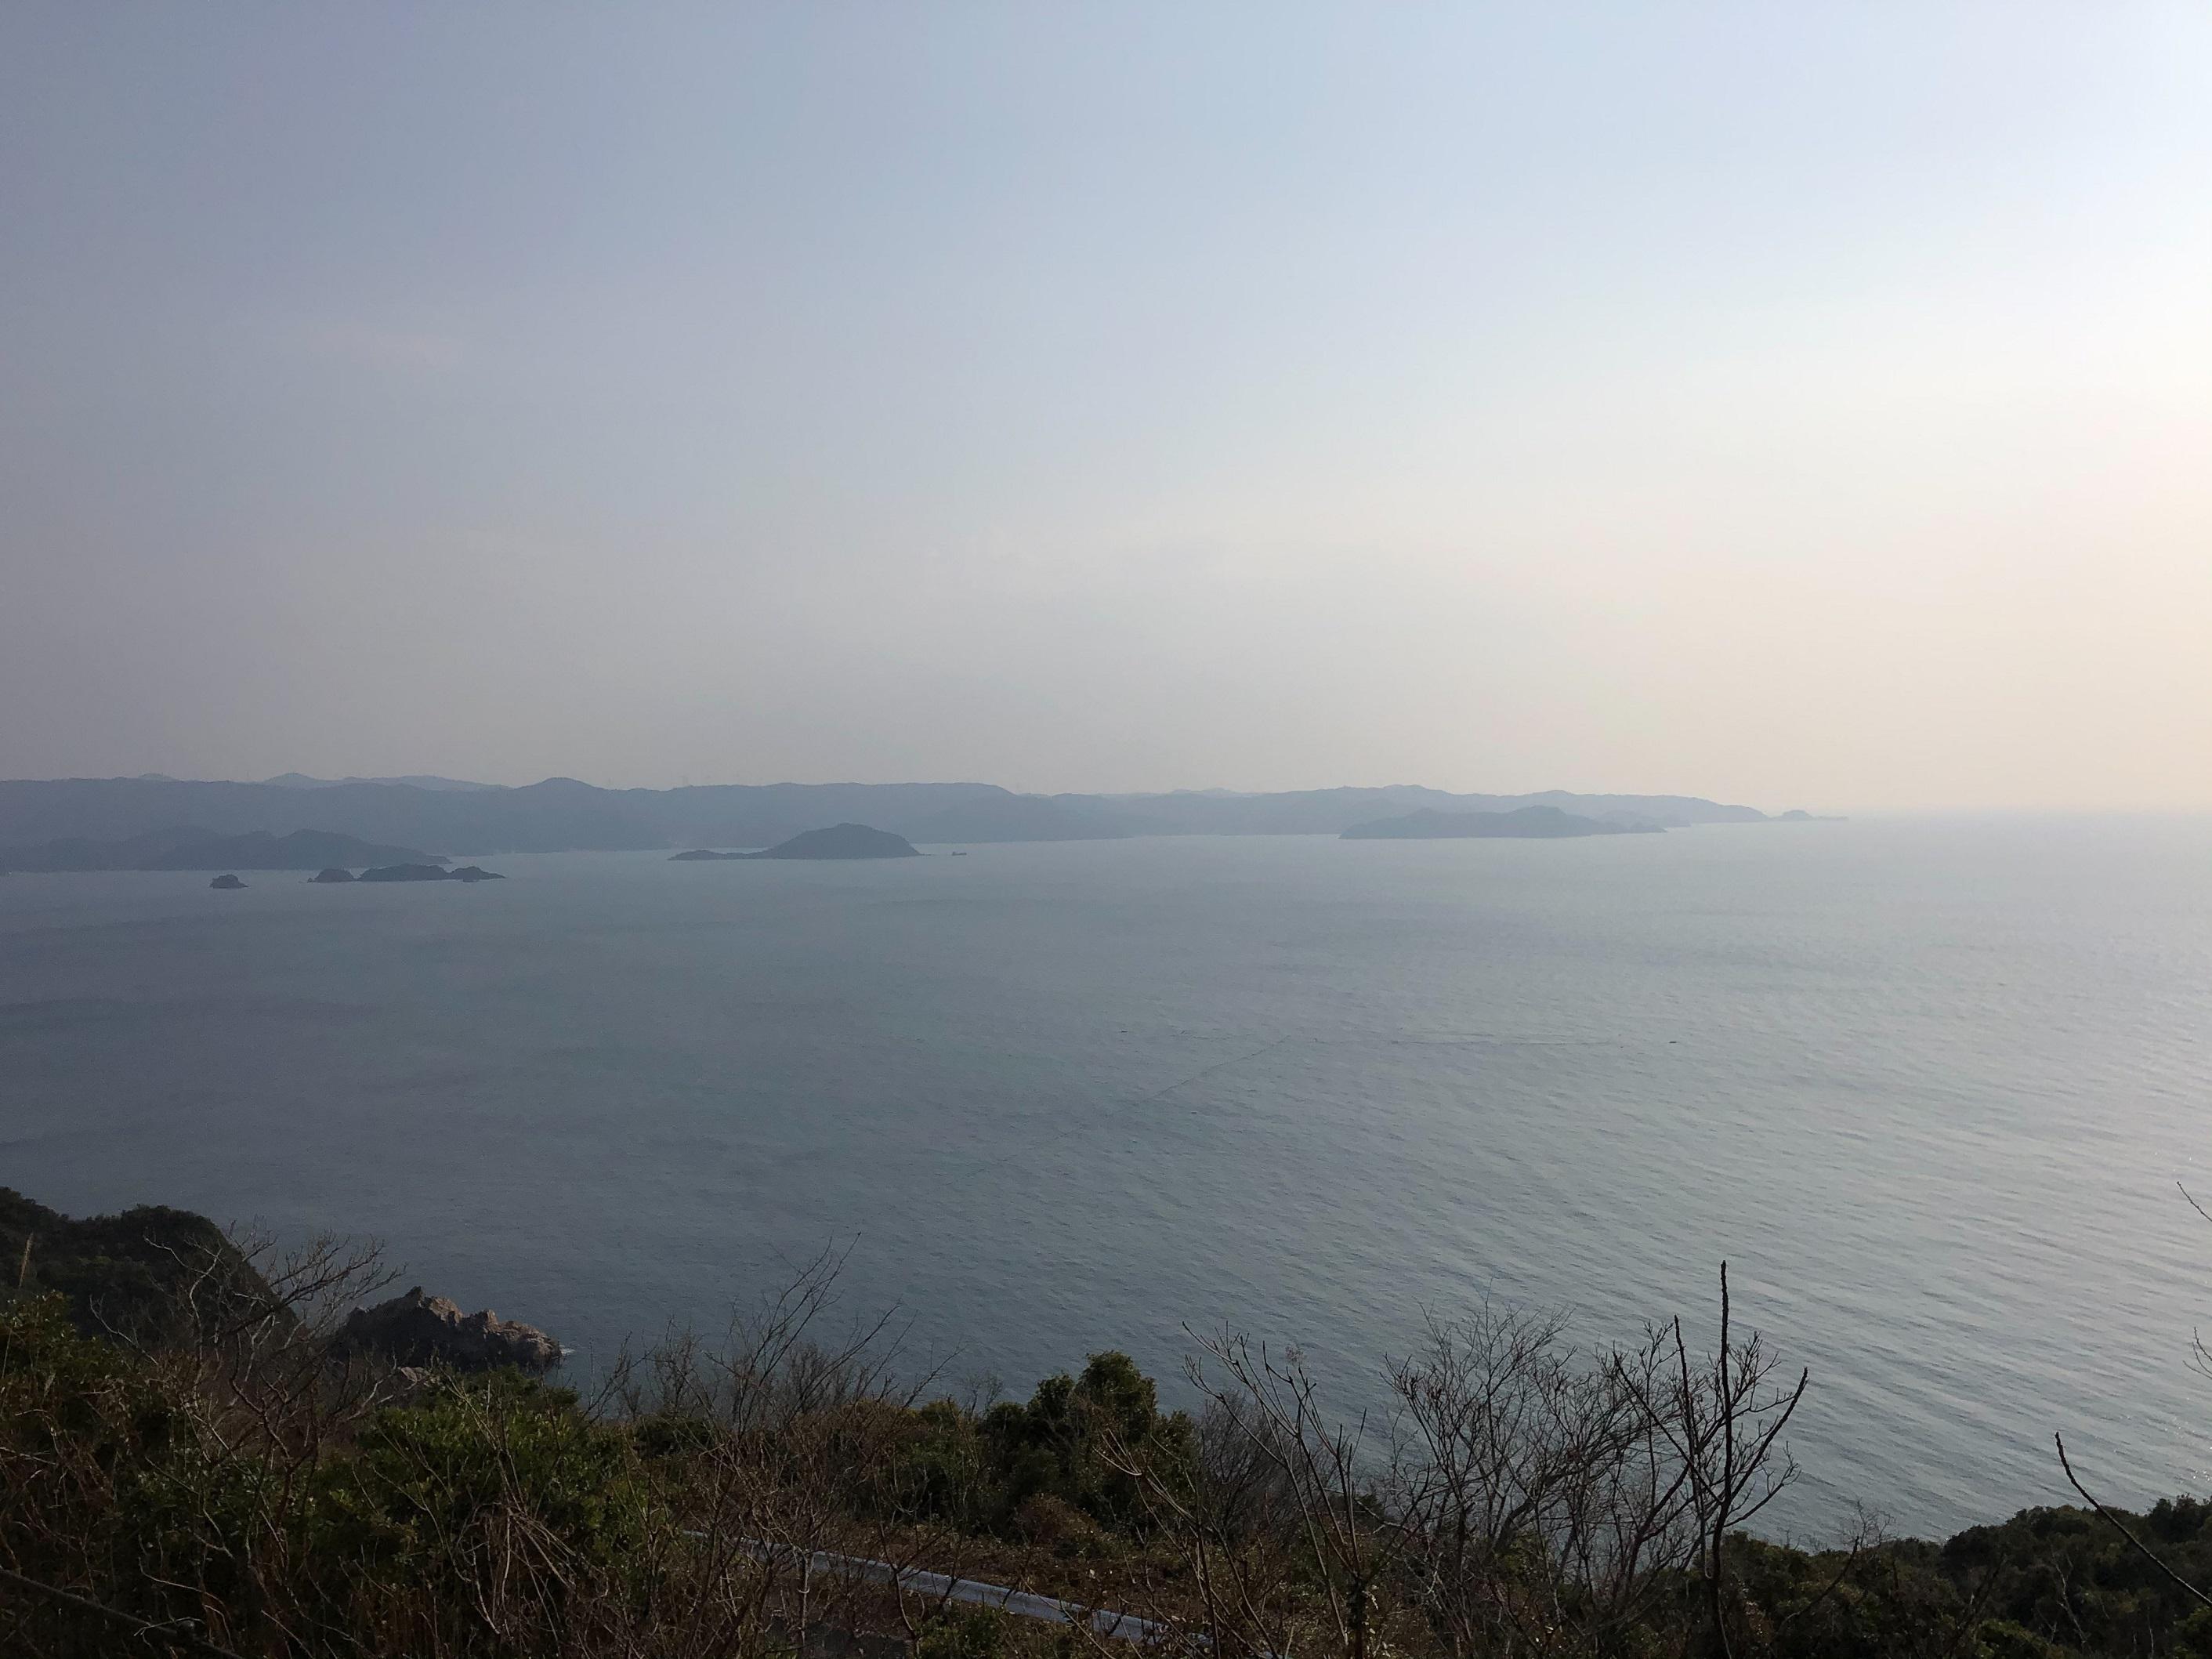 和歌山 有田みかん海道 展望台 湯浅湾 一望 綺麗 絶景